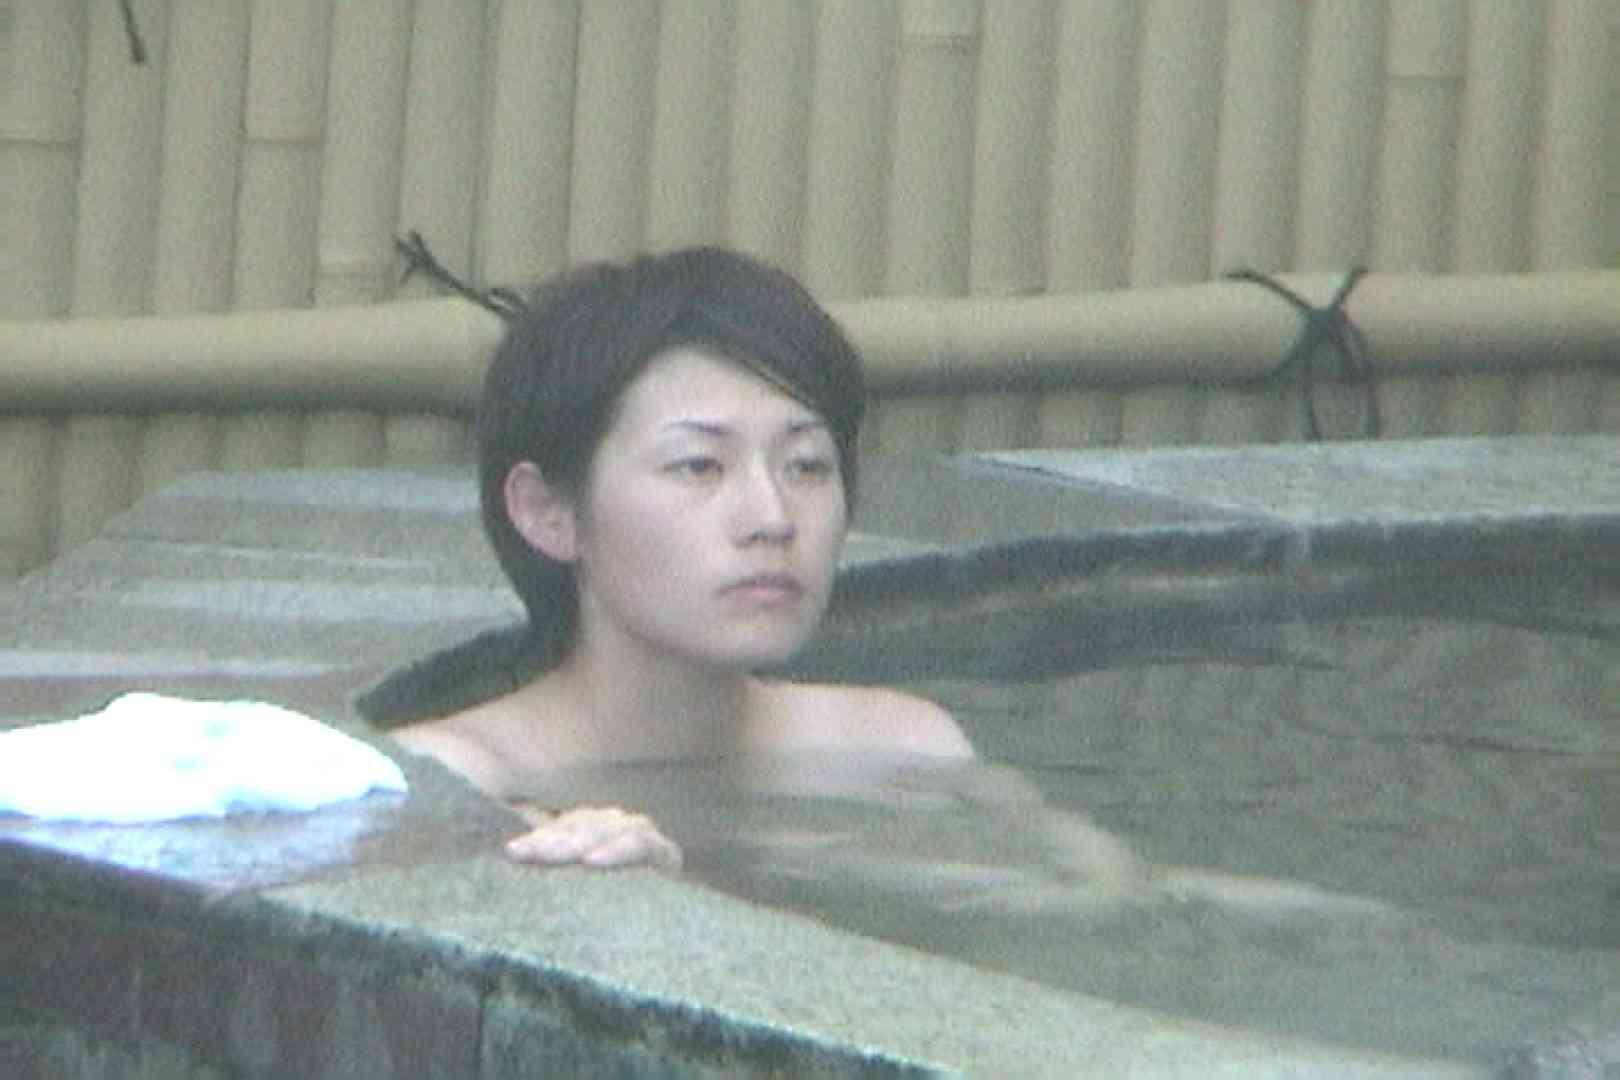 Aquaな露天風呂Vol.100【VIP限定】 盗撮 | 露天  98pic 35